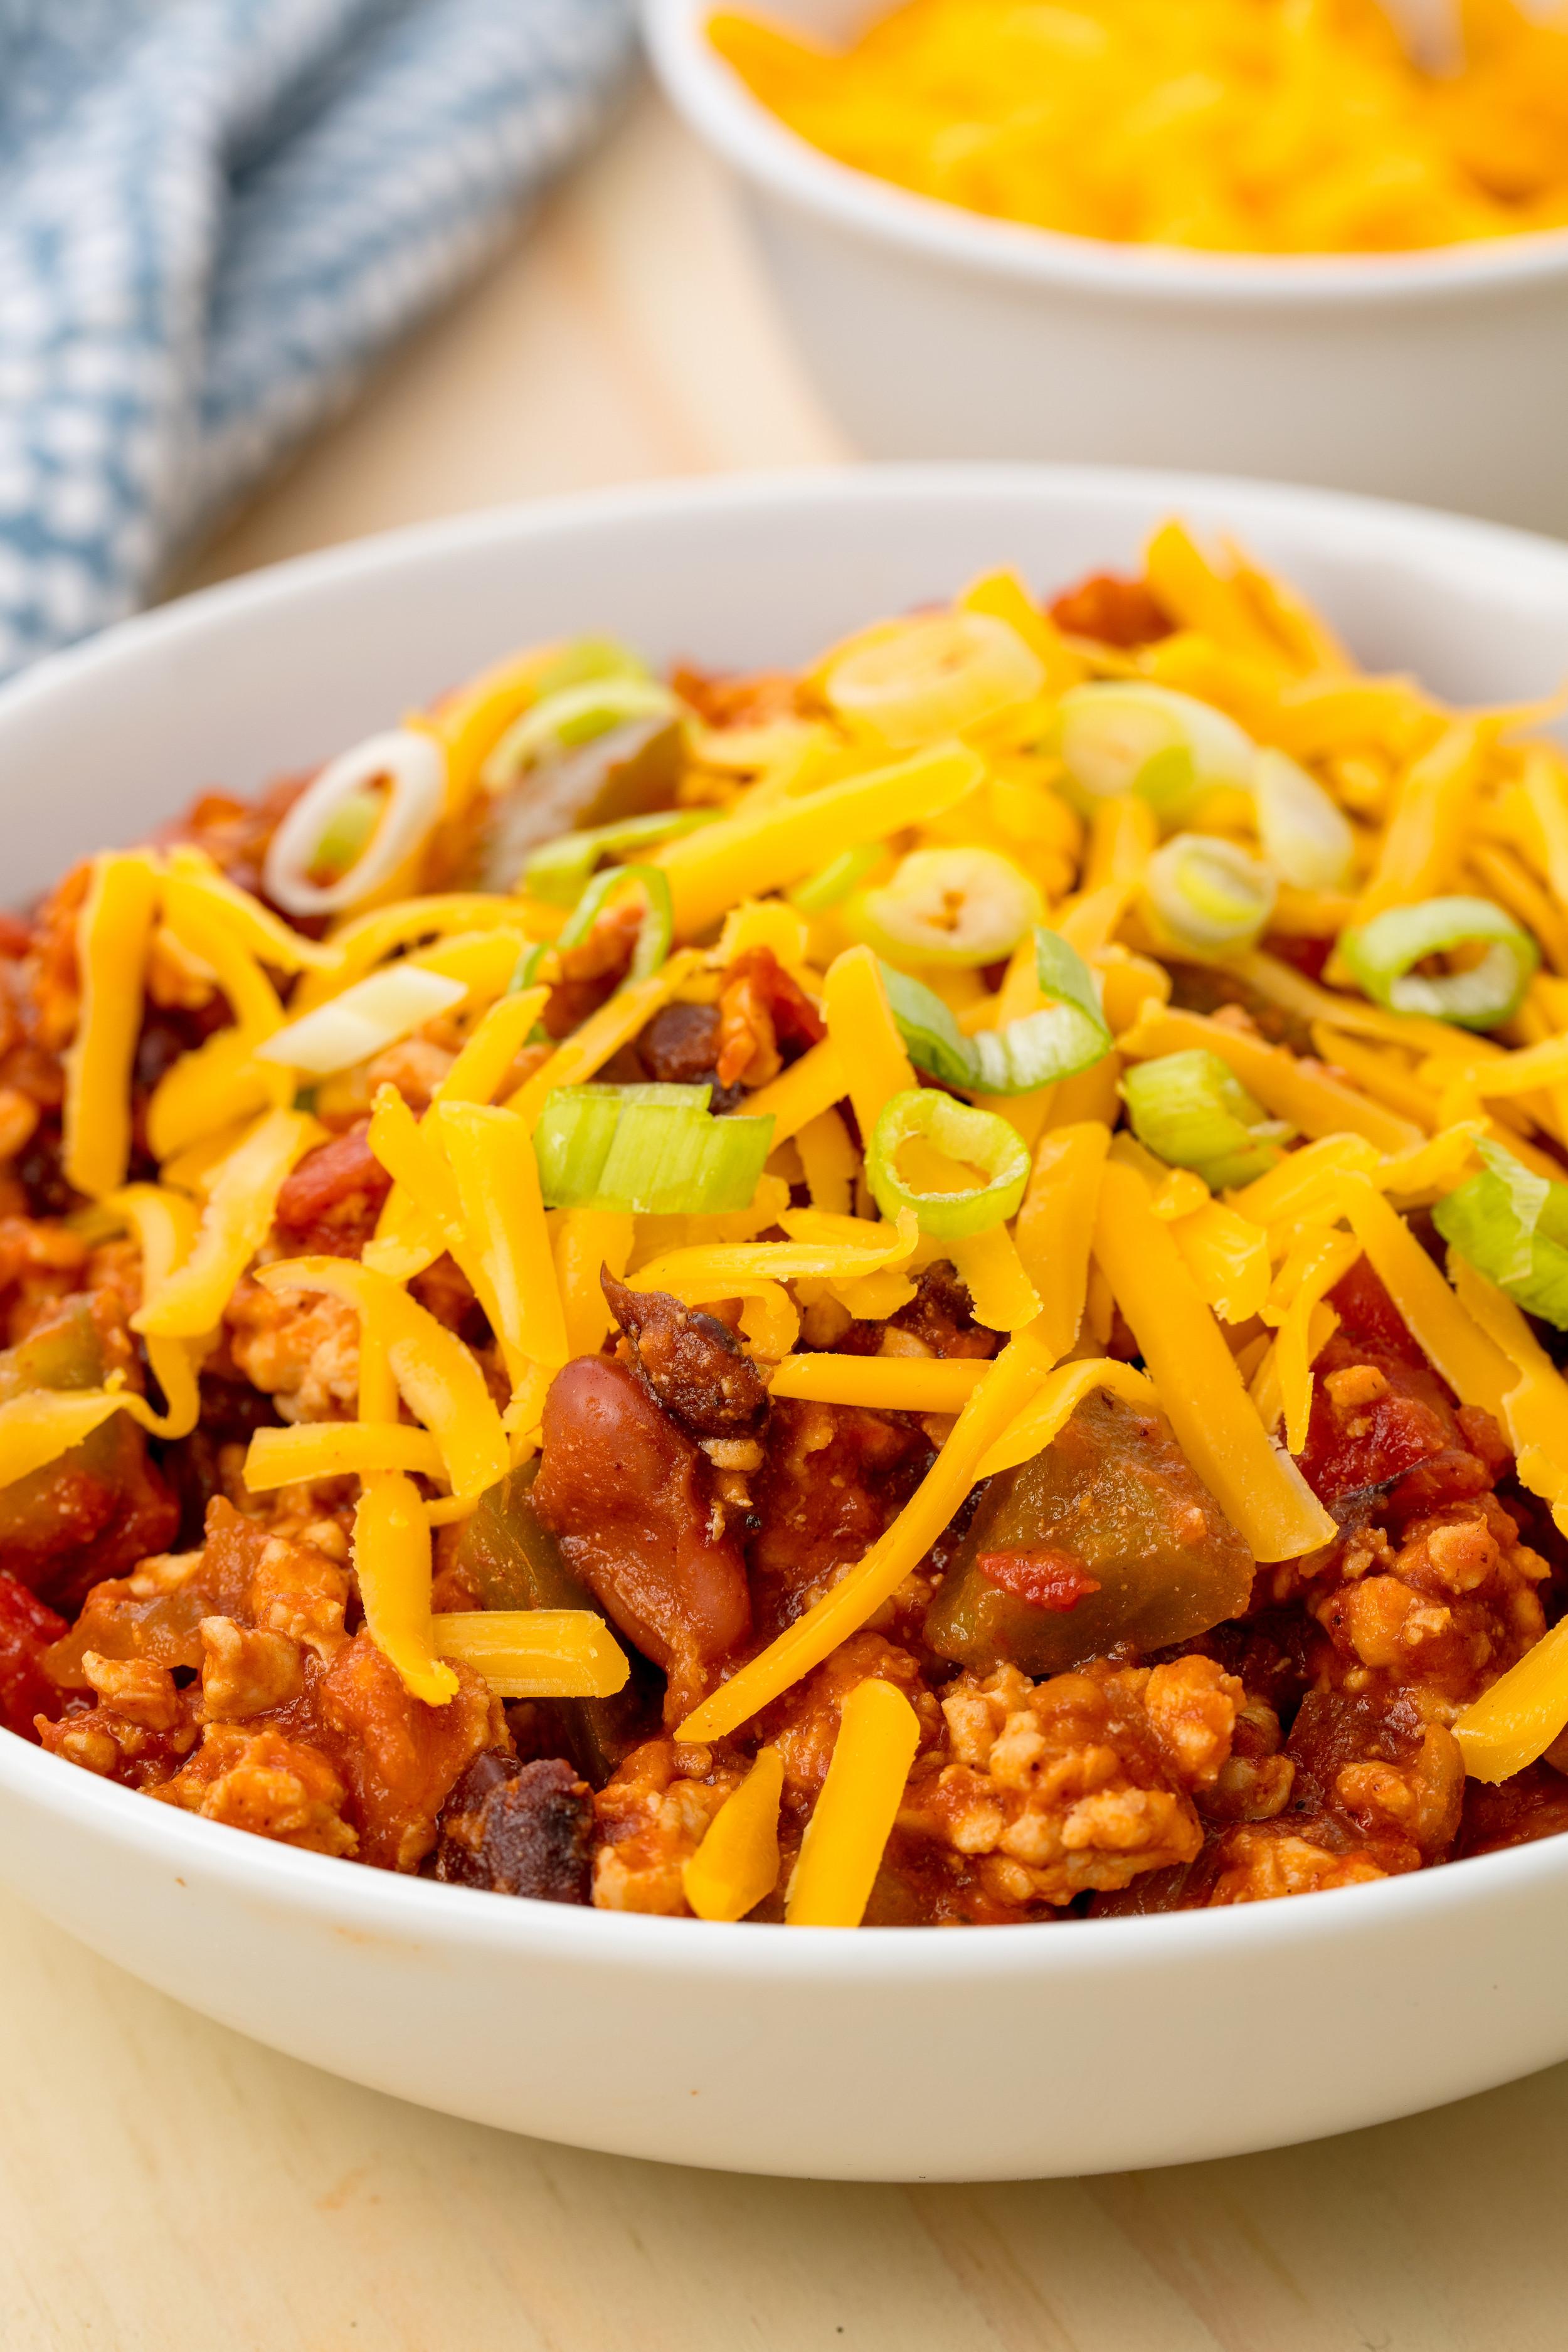 Healthy Ground Turkey Recipes  60 Ground Turkey Recipes Healthy Meals with Ground Turkey